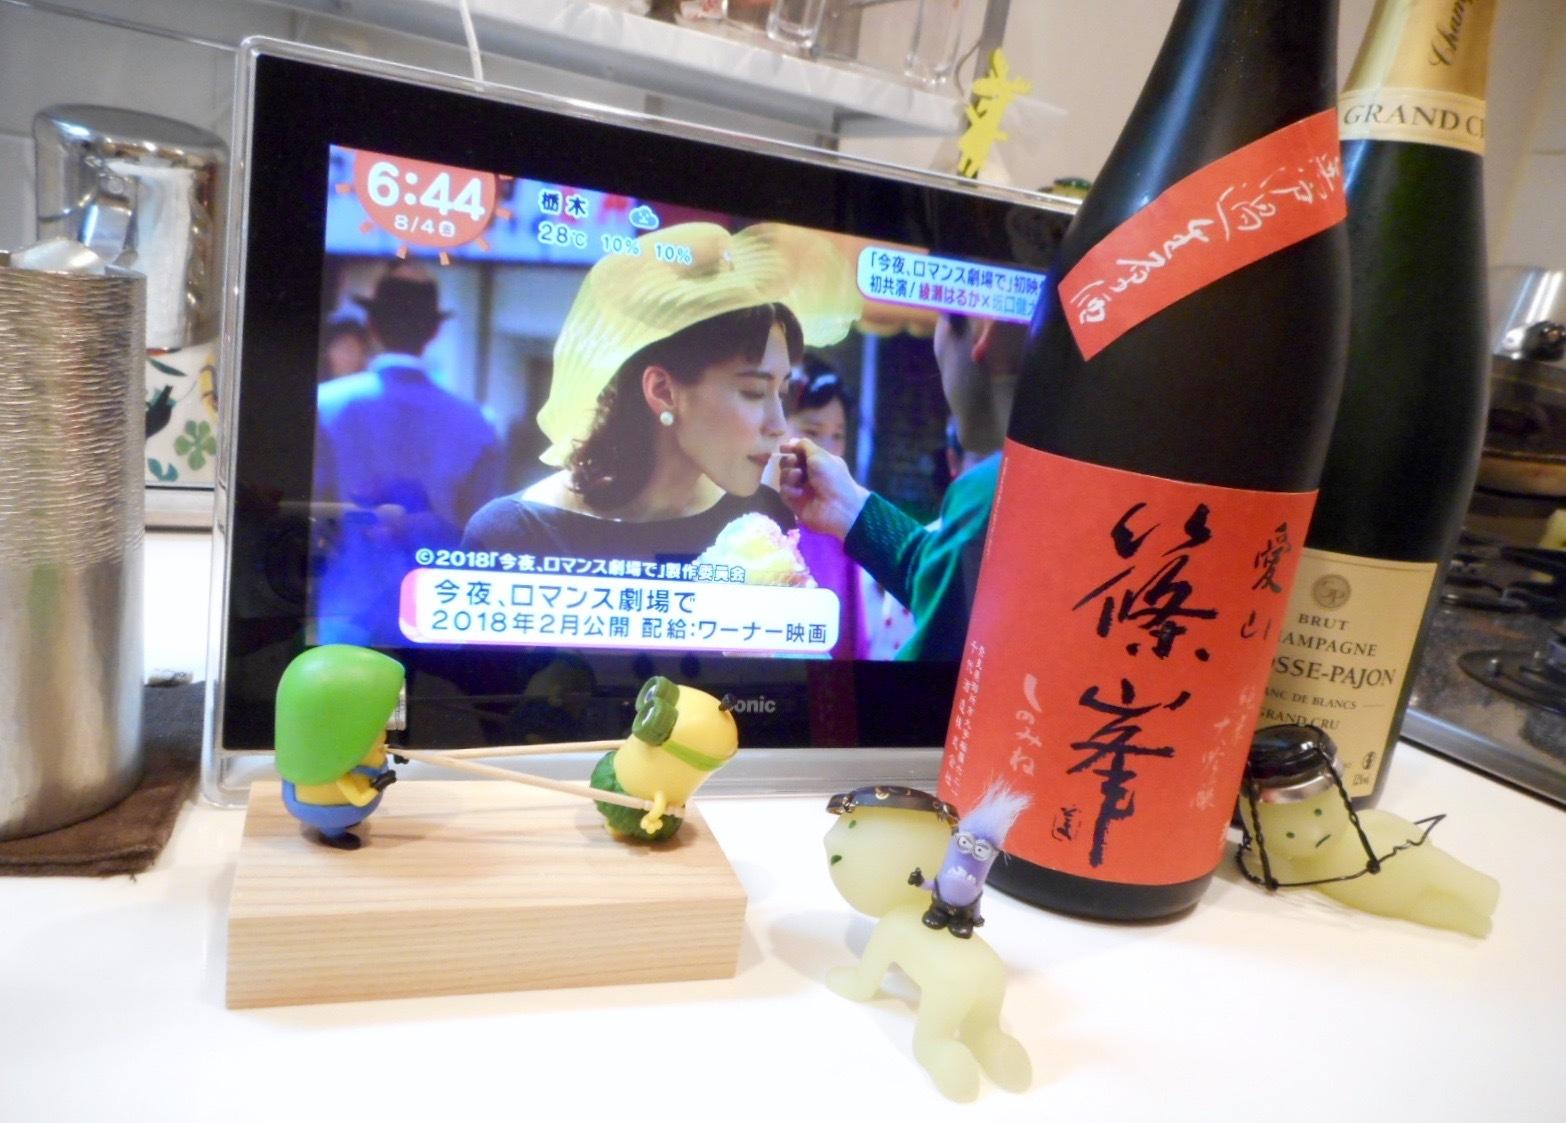 shinomine_aiyama45nama27by1.jpg